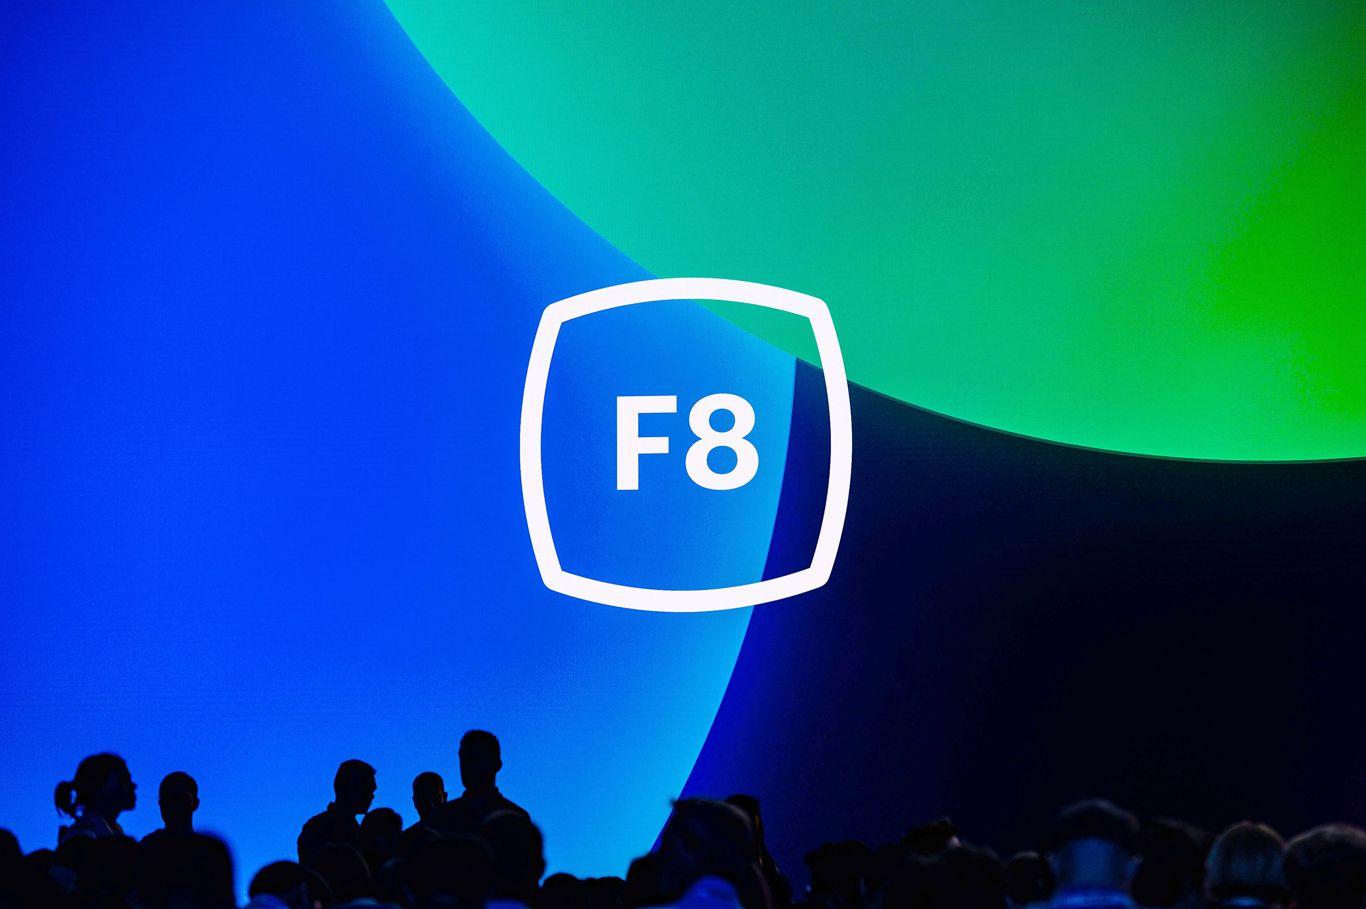 ویروس کرونا کنفرانس توسعه دهندگان فیس بوک را لغو کرد